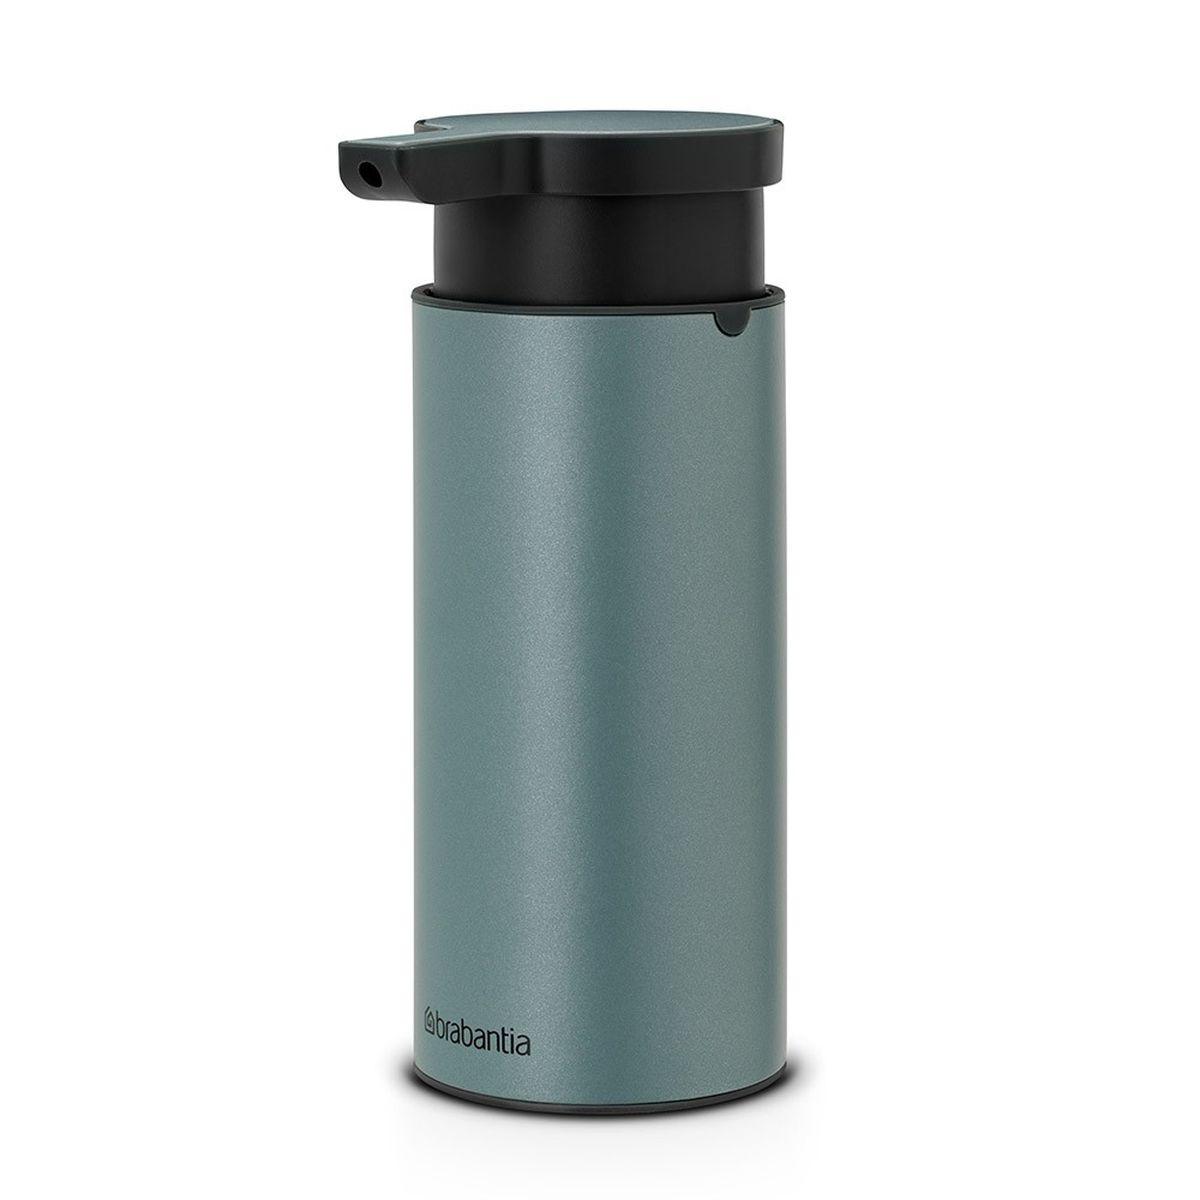 Диспенсер для жидкого мыла Brabantia, цвет: мятный металлик107467Диспенсер для жидкого мыла Brabantia, изготовленный из коррозионностойких материалов, идеально подойдет для помещений с повышенной влажностью. Стильный аксессуар по достоинству оценят те, кого заботят вопросы гигиены, и те, для кого важны индивидуальность стиля и красивый дизайн. Красота и функциональность в одном флаконе! И высочайшее качество сверху донизу. Может использоваться для шампуней, лосьонов или любого другого жидкого средства. Легко разбирается для проведения тщательной очистки. Широкое основание с противоскользящими свойствами обеспечивает отличную устойчивость. Удобное наполнение сверху - широкое отверстие для заправки. Перед заправкой дозатора заполните емкость горячей водой и проведите очистку насосного механизма, несколько раз прокачав дозатор.